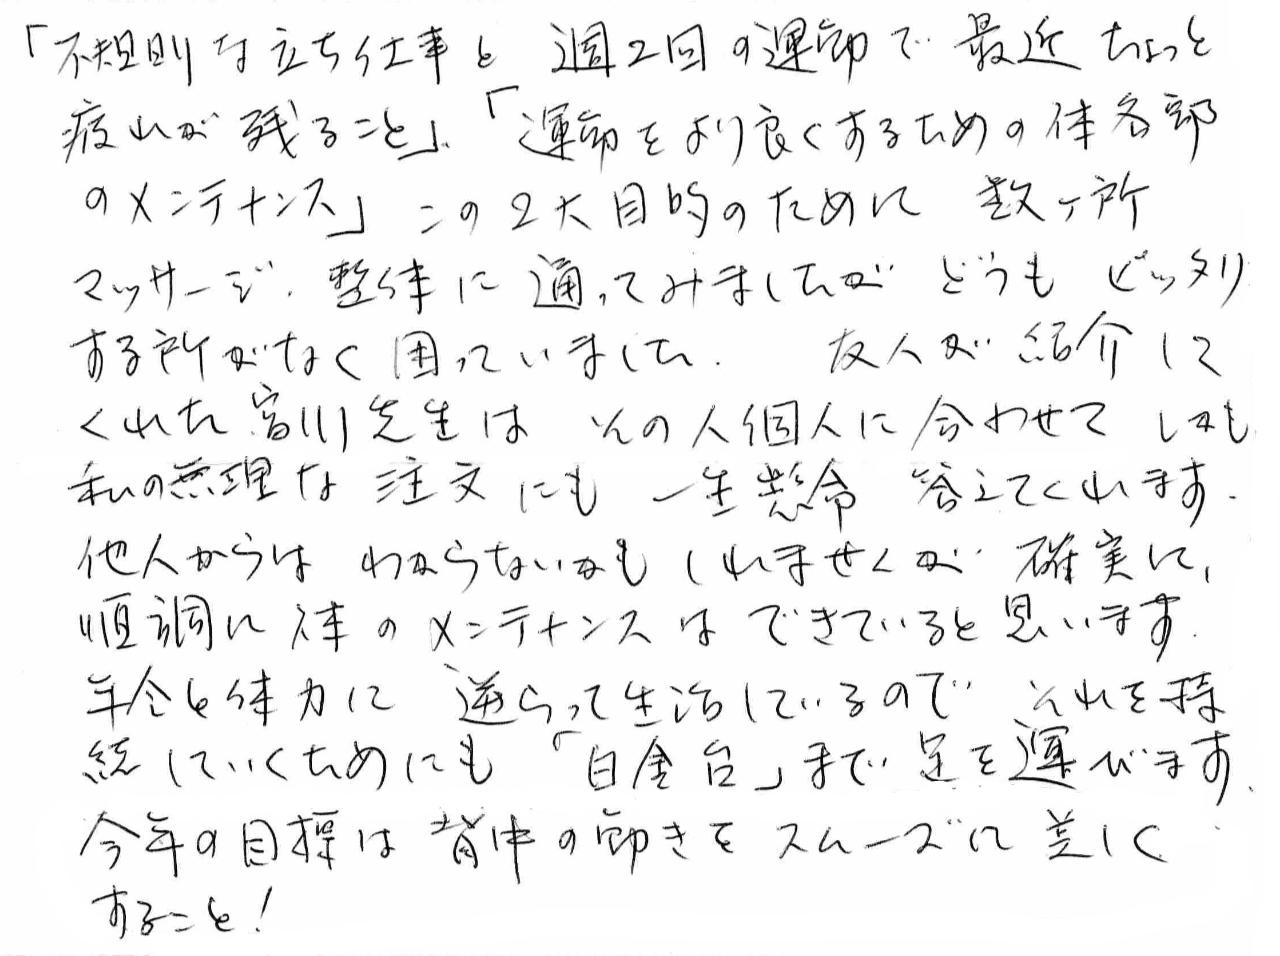 kanjyayorokobi023_copy.jpg